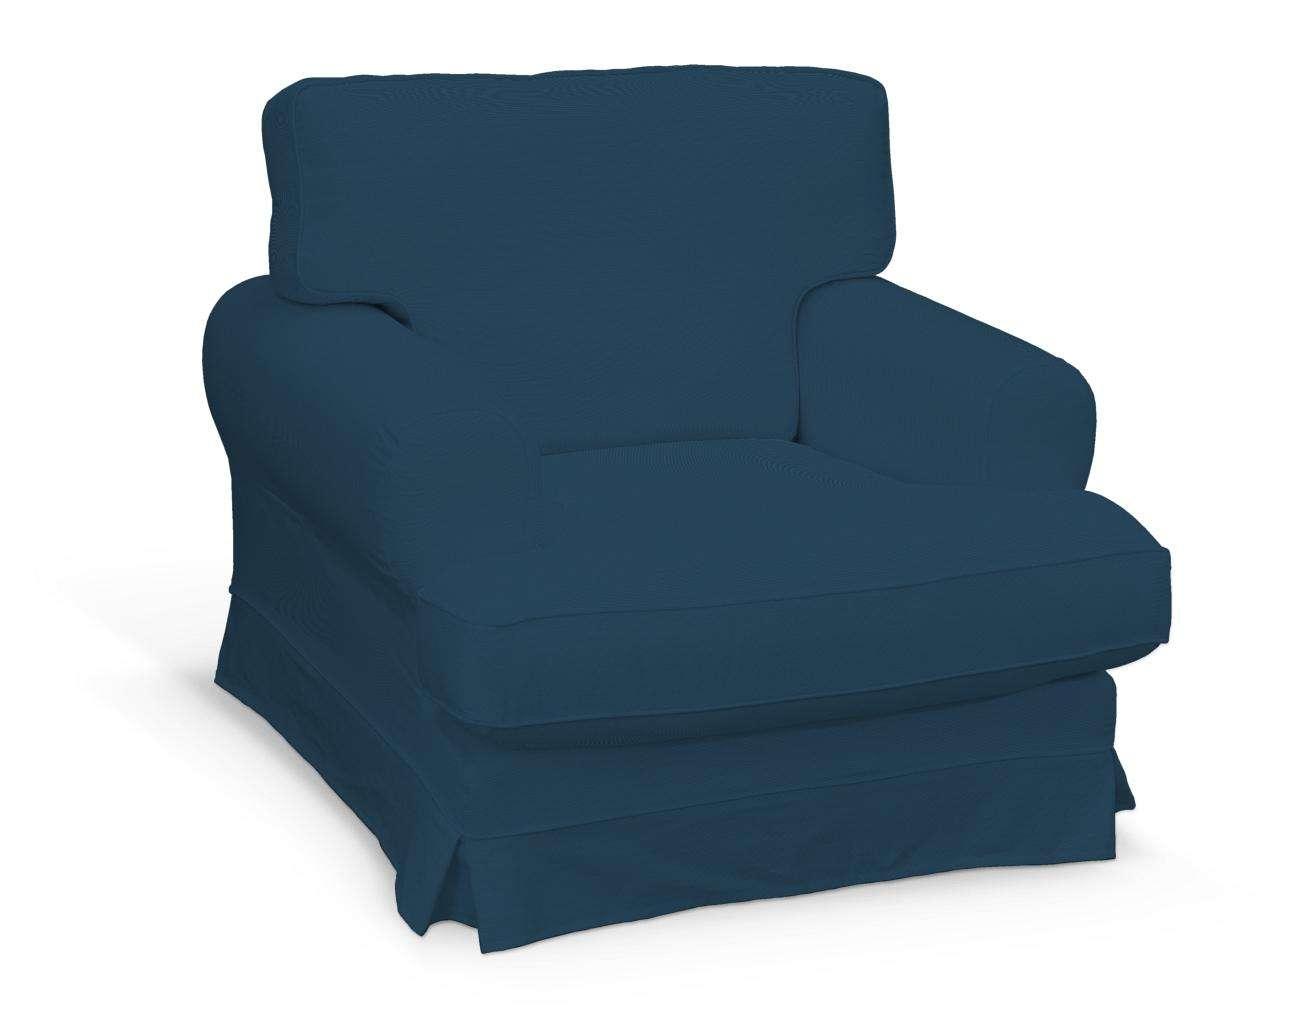 Pokrowiec na fotel Ekeskog Fotel Ekeskog w kolekcji Cotton Panama, tkanina: 702-30